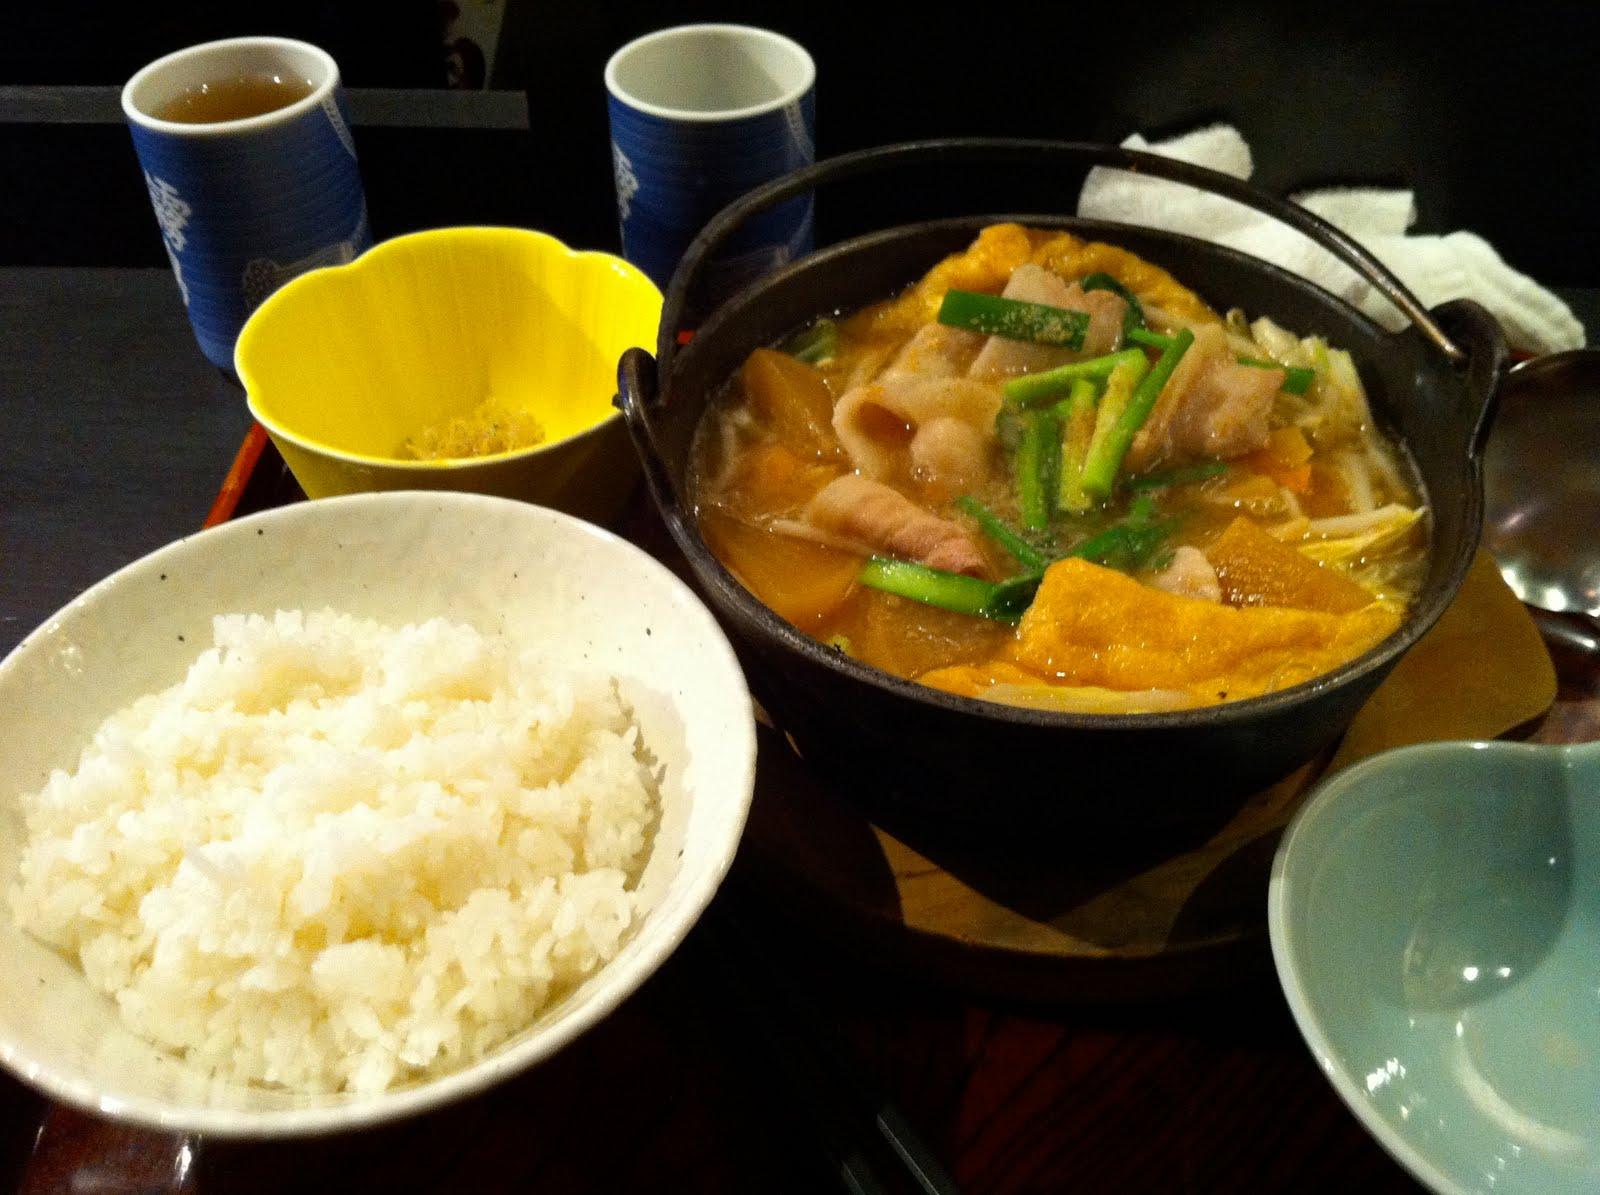 stew stew beef stew frogmore stew fish stew oyster stew sumo stew